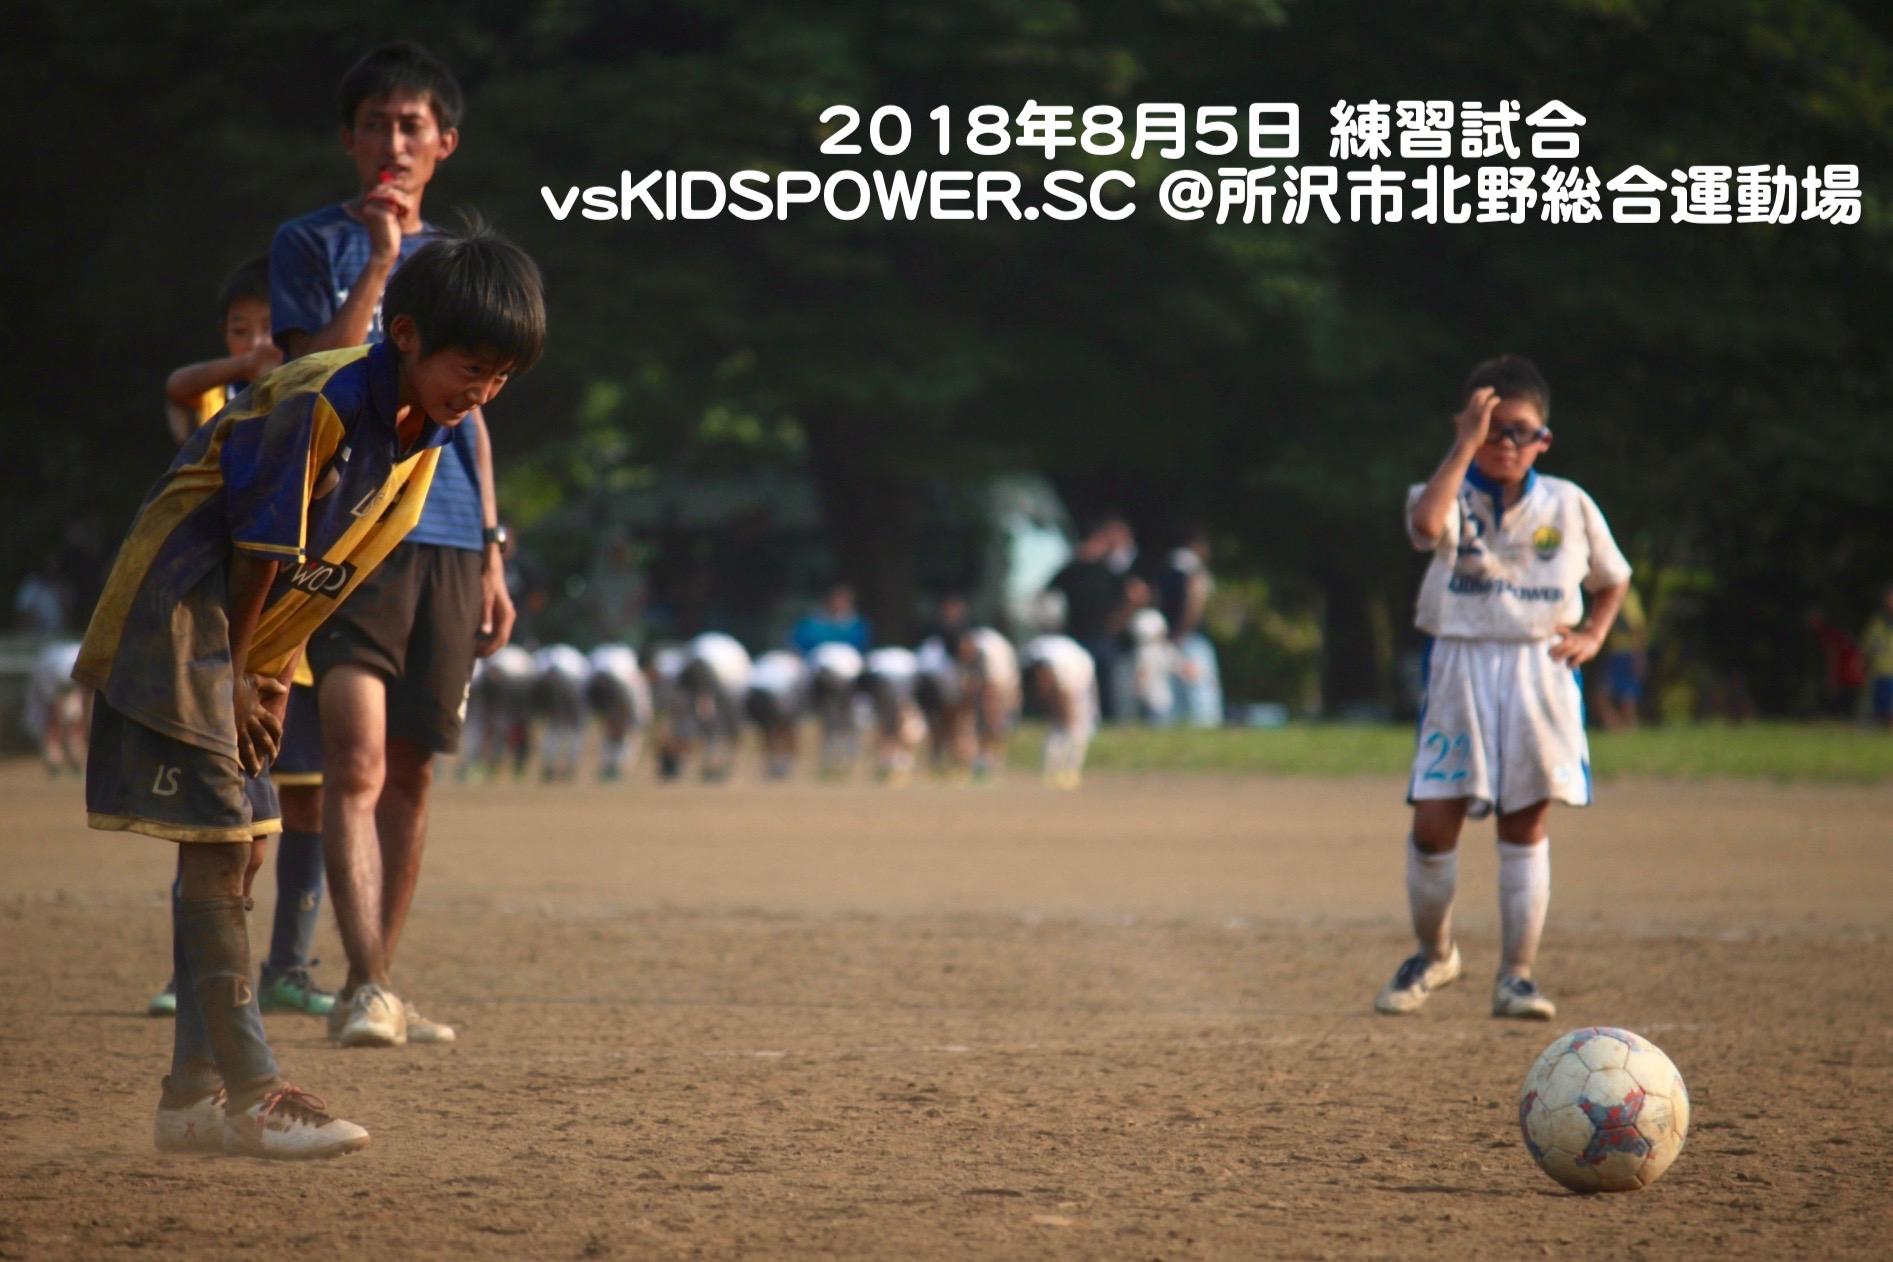 180805 U11キッズパワーTM 2